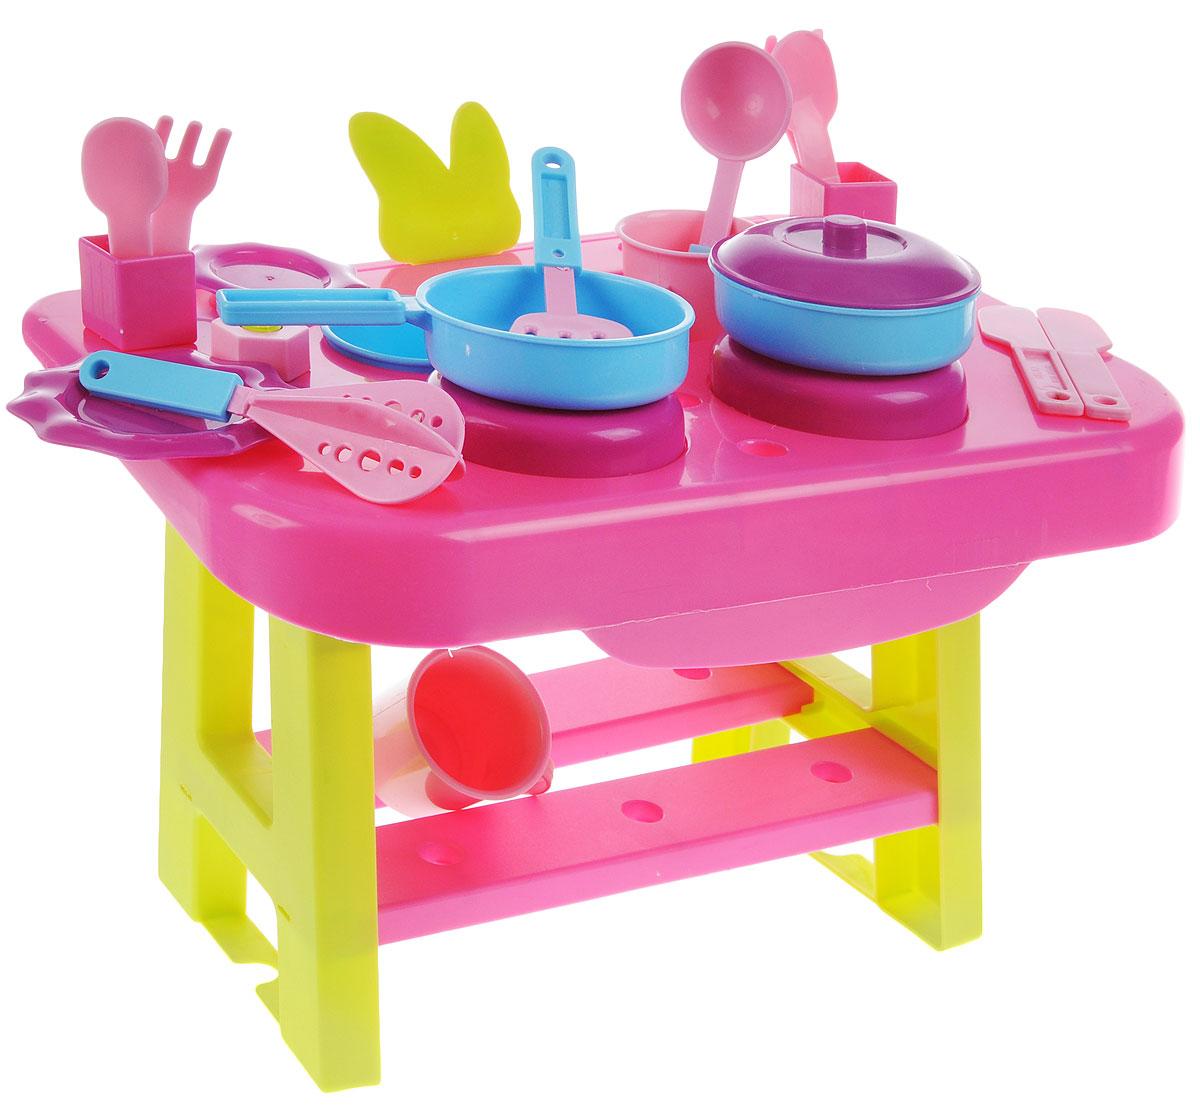 Bildo Игрушечная кухня Минни - Сюжетно-ролевые игрушки